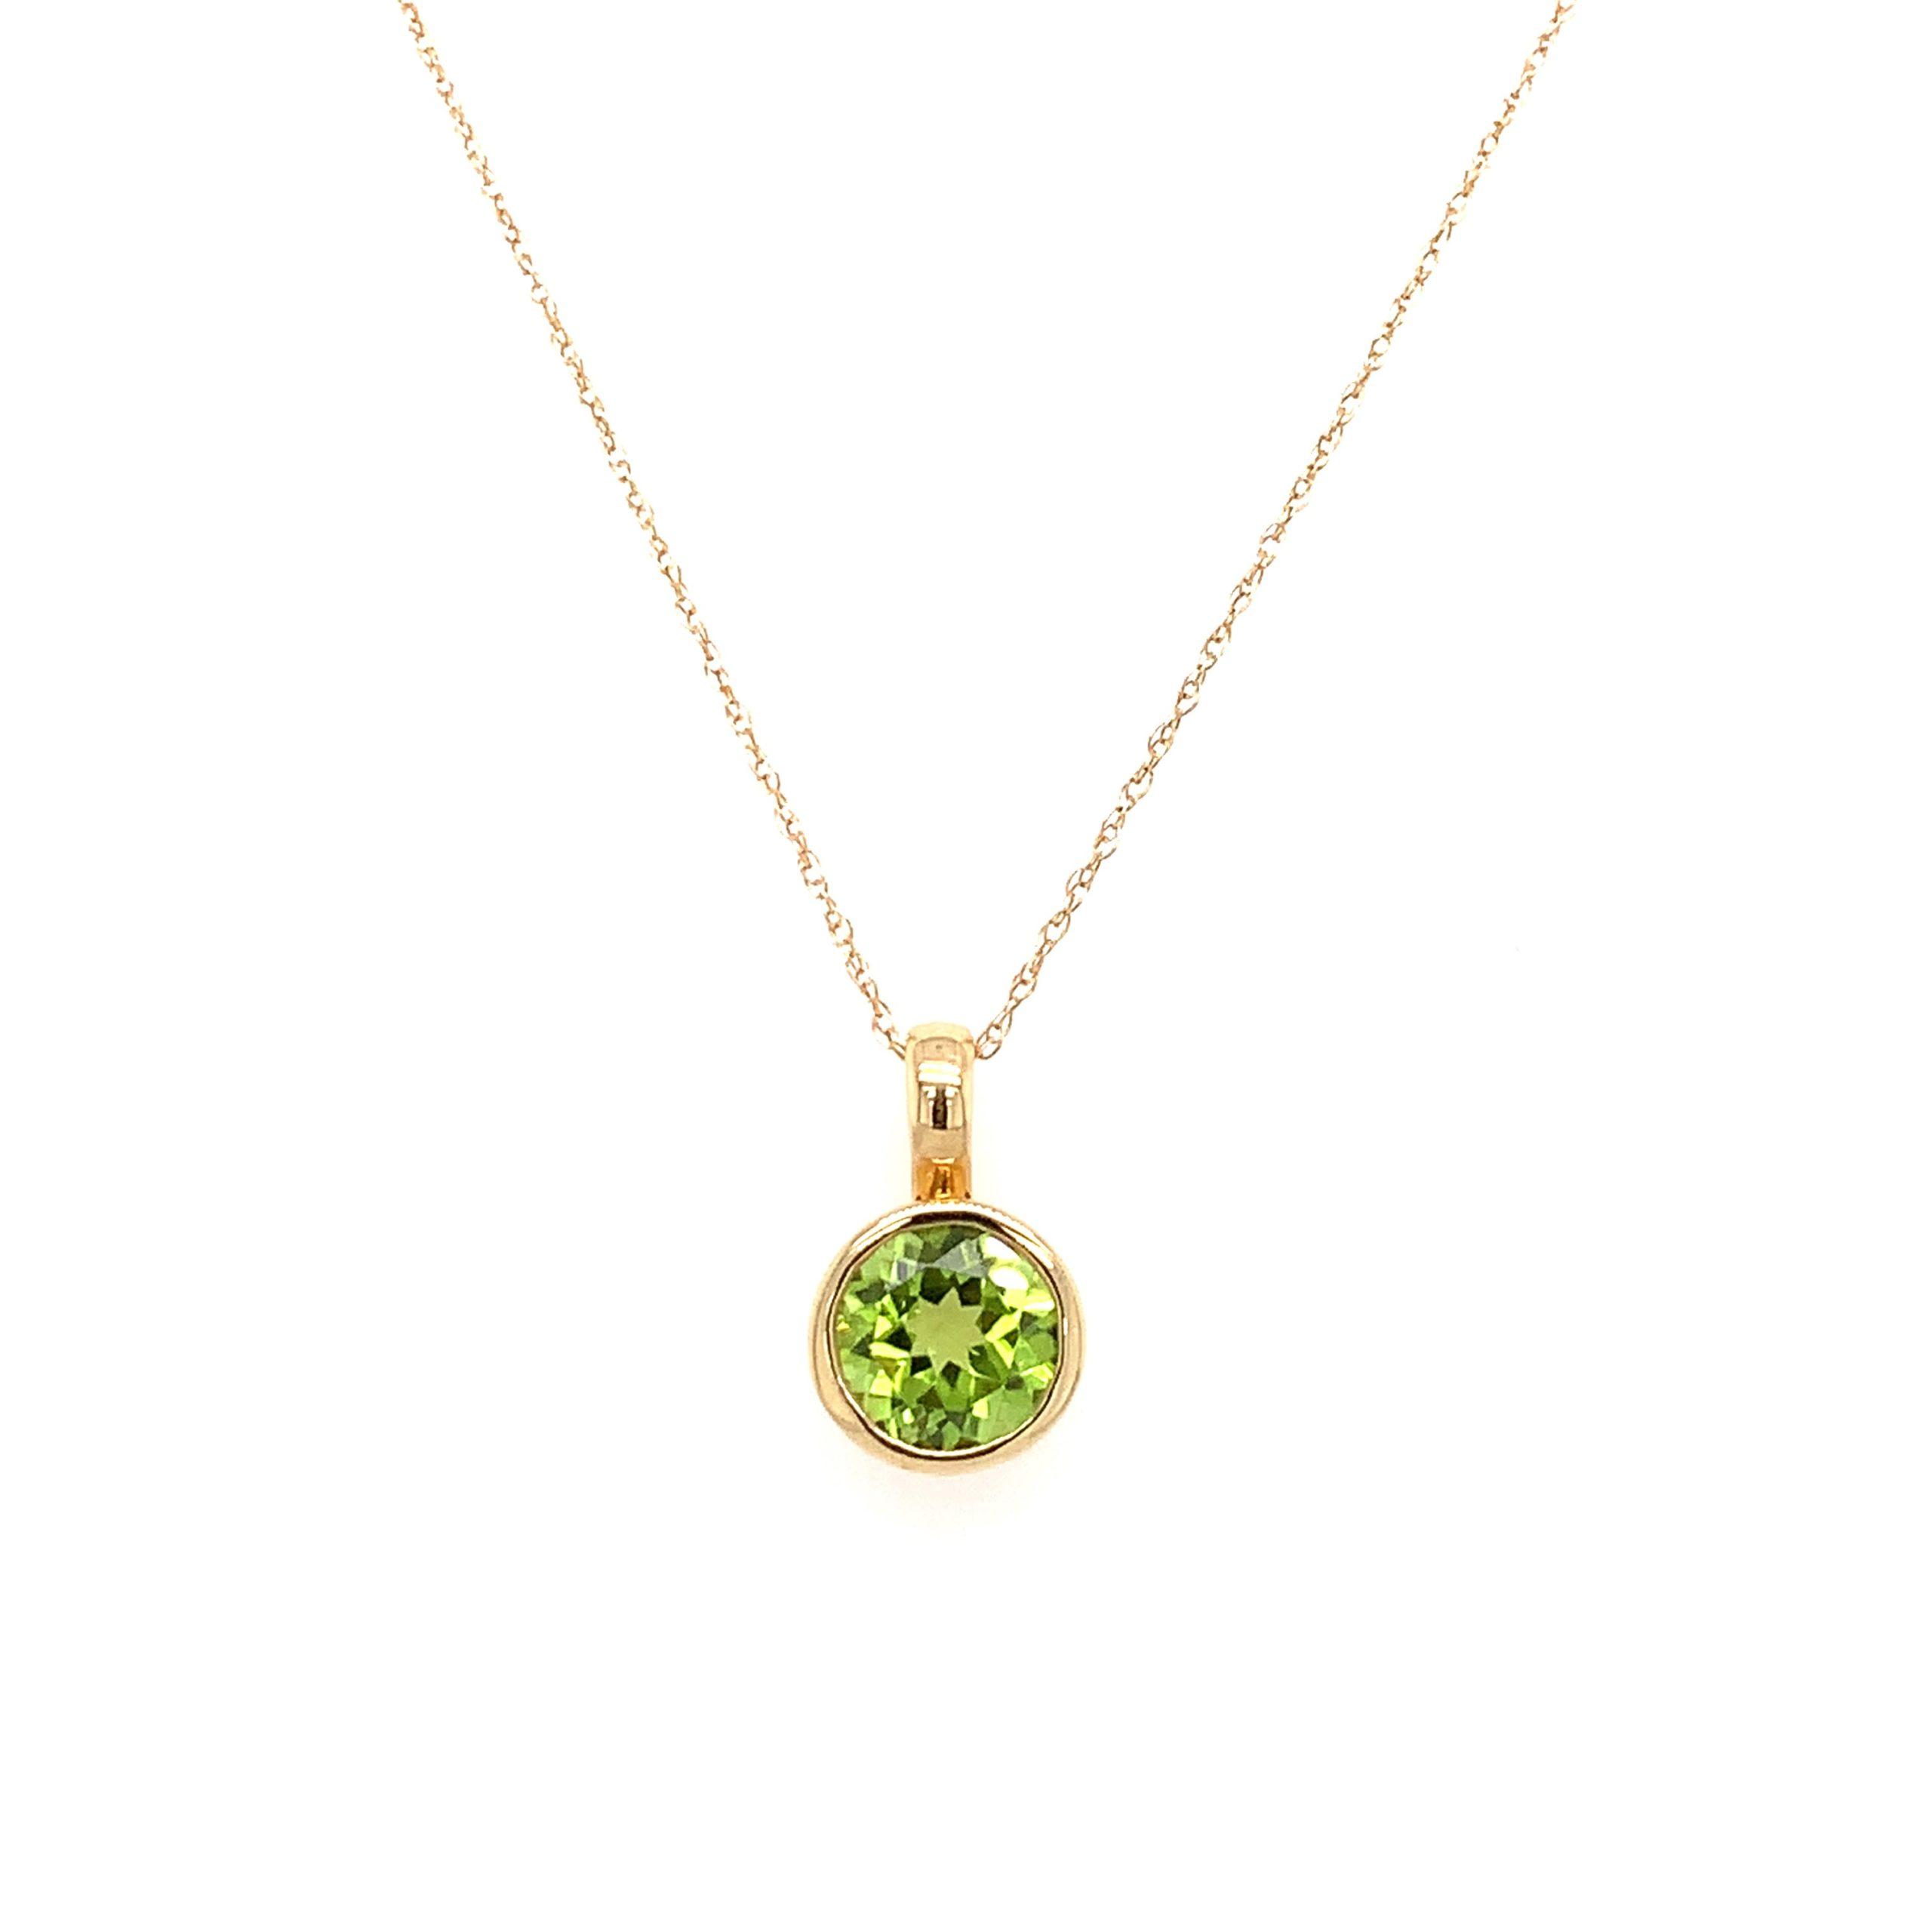 Yellow Gold Peridot Pendant Necklace